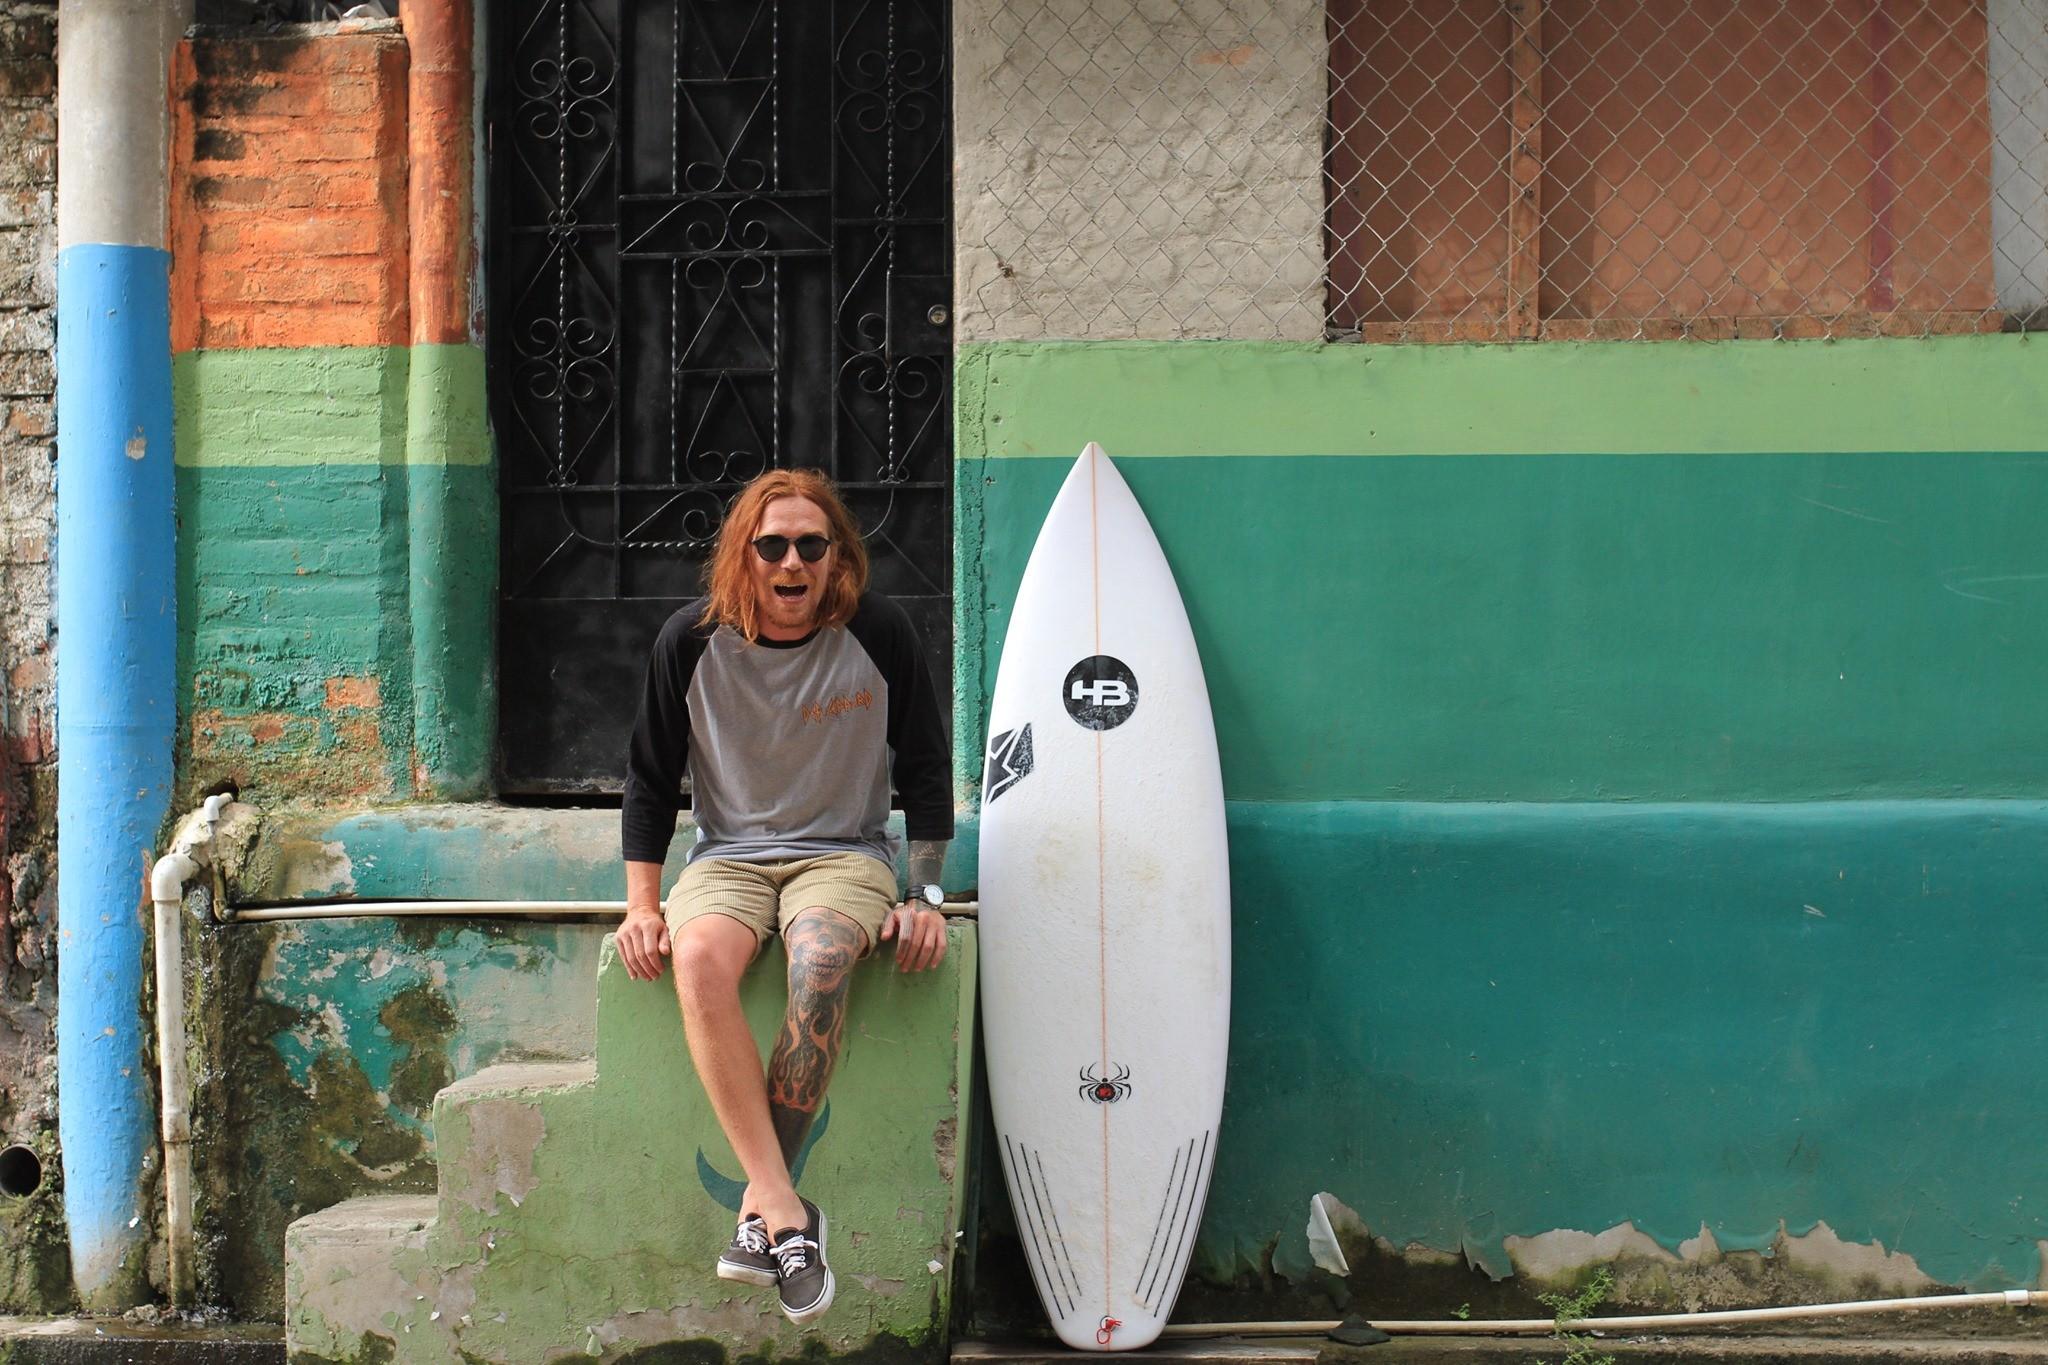 Pai morre um dia após morte de surfista 'Fanta' em SC  - Notícias - Plantão Diário